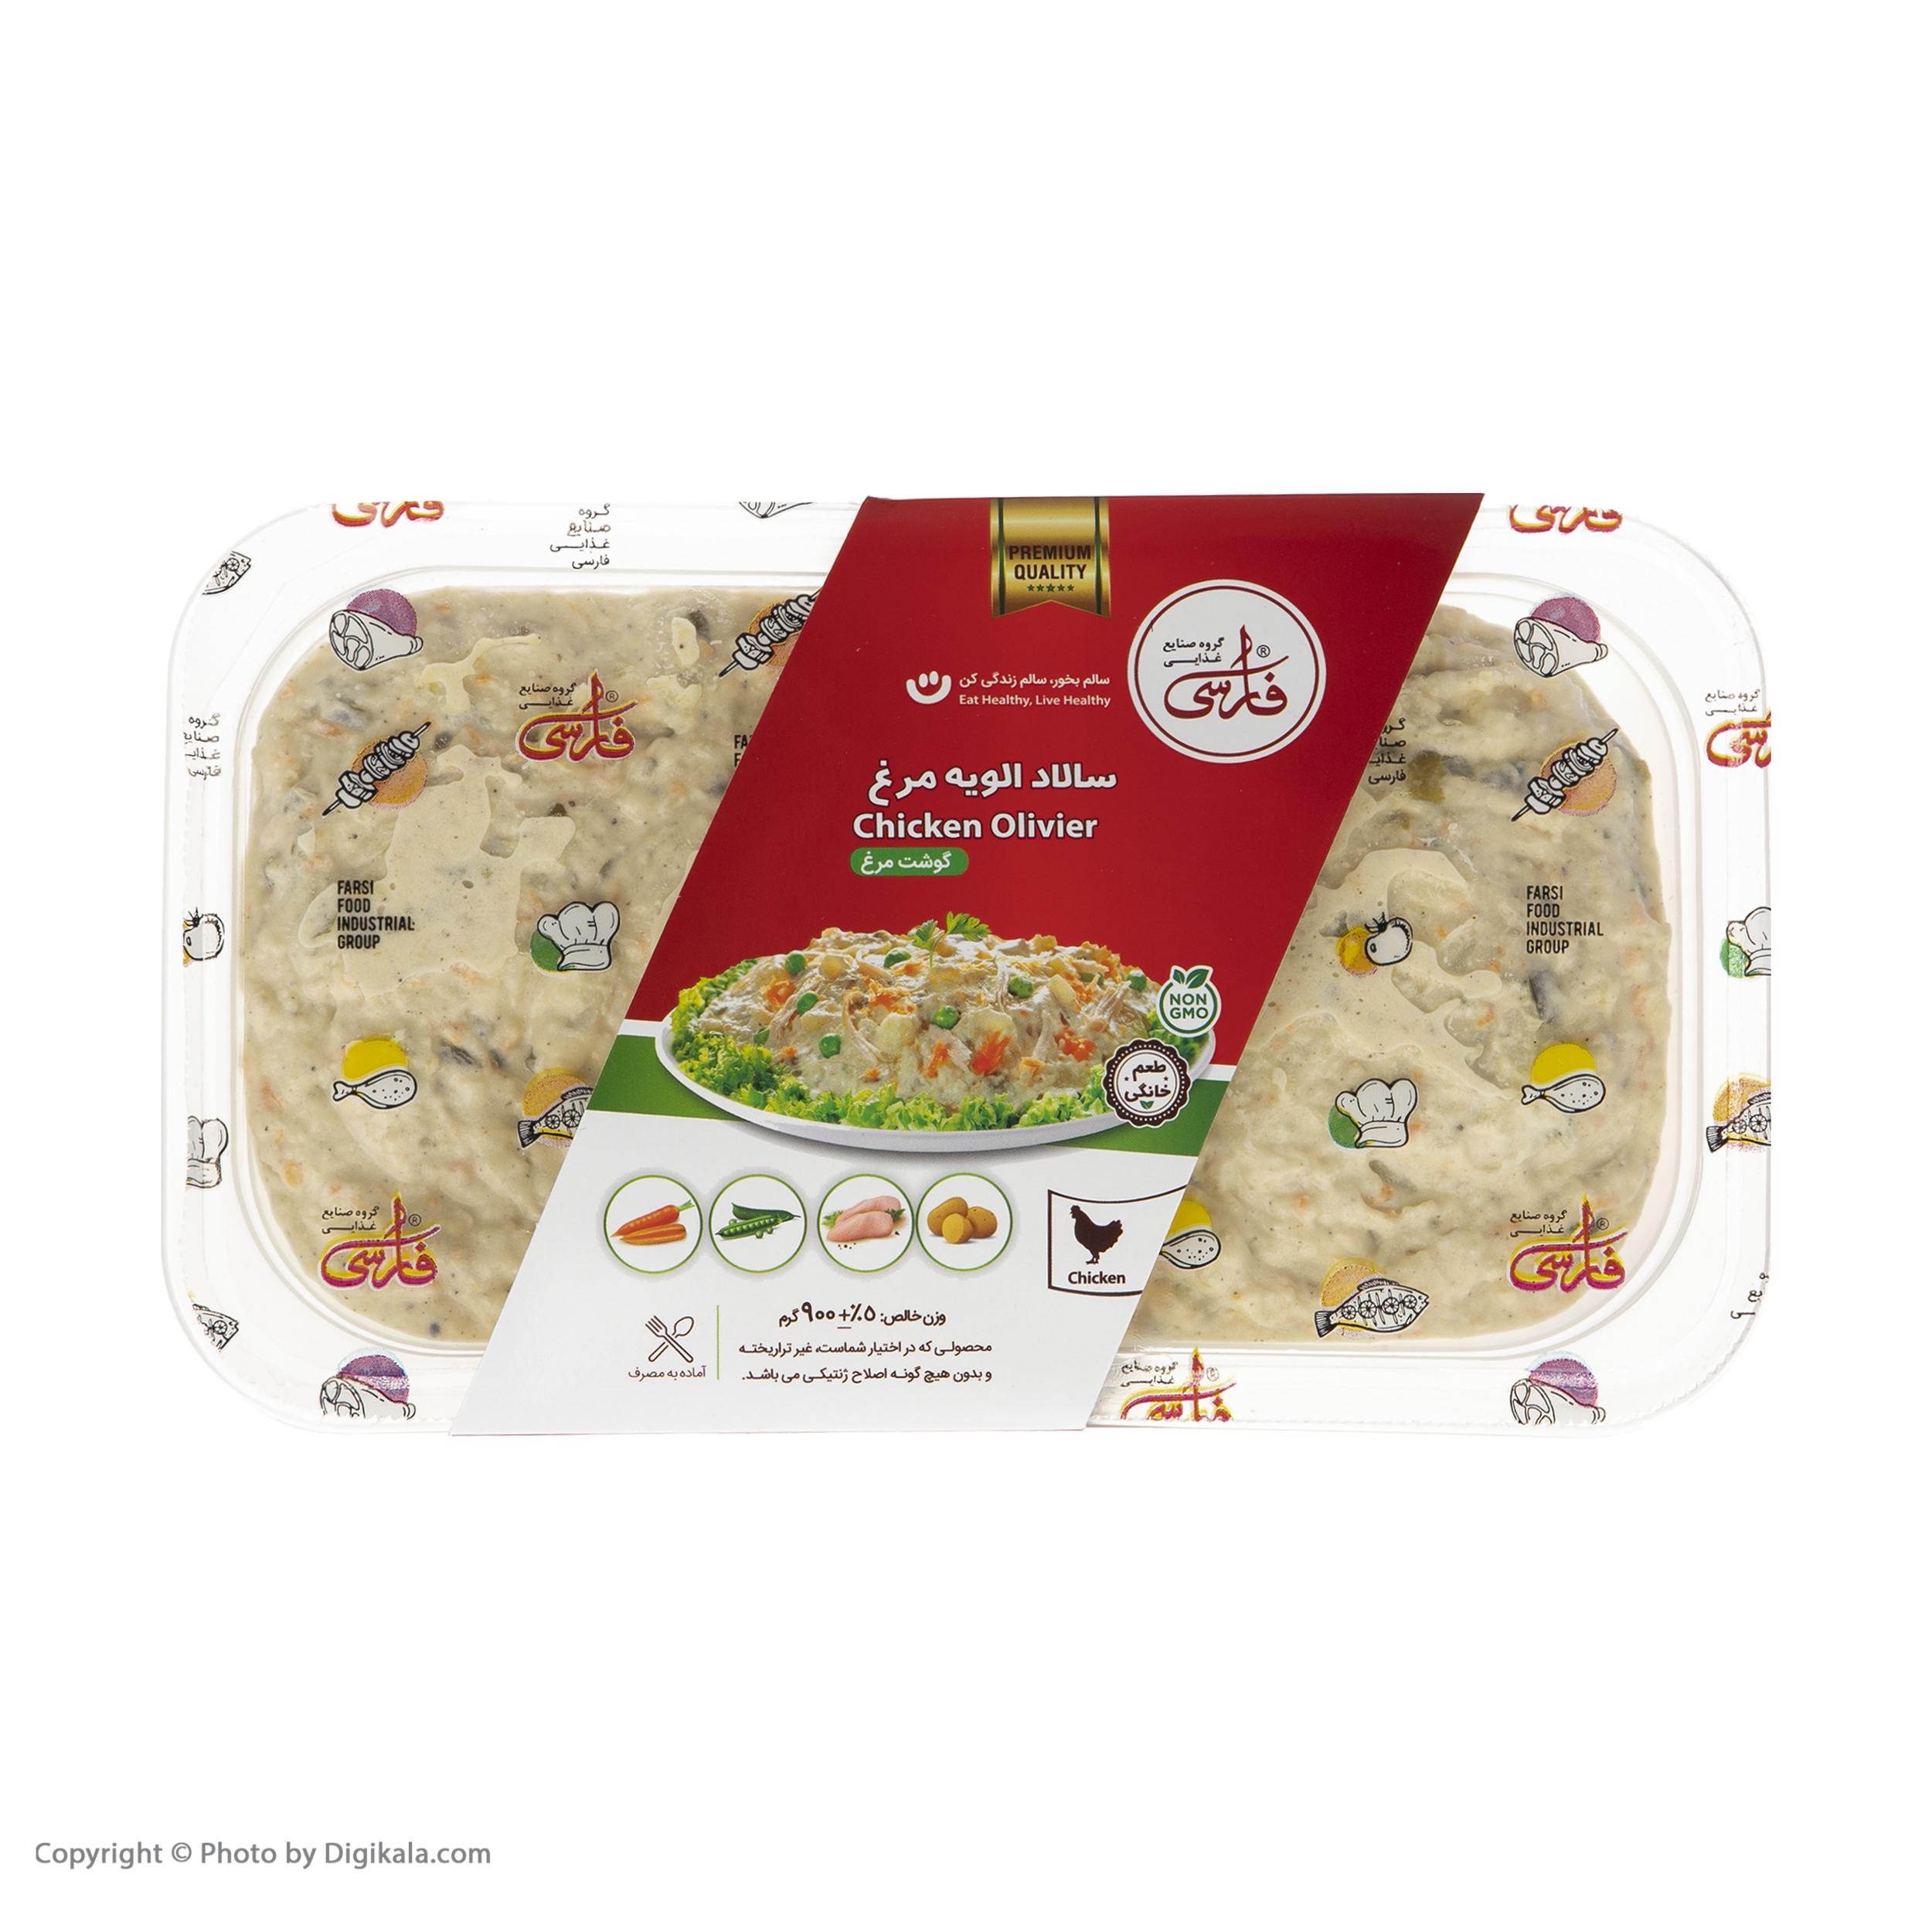 سالاد الویه مرغ فارسی وزن 900 گرم main 1 2